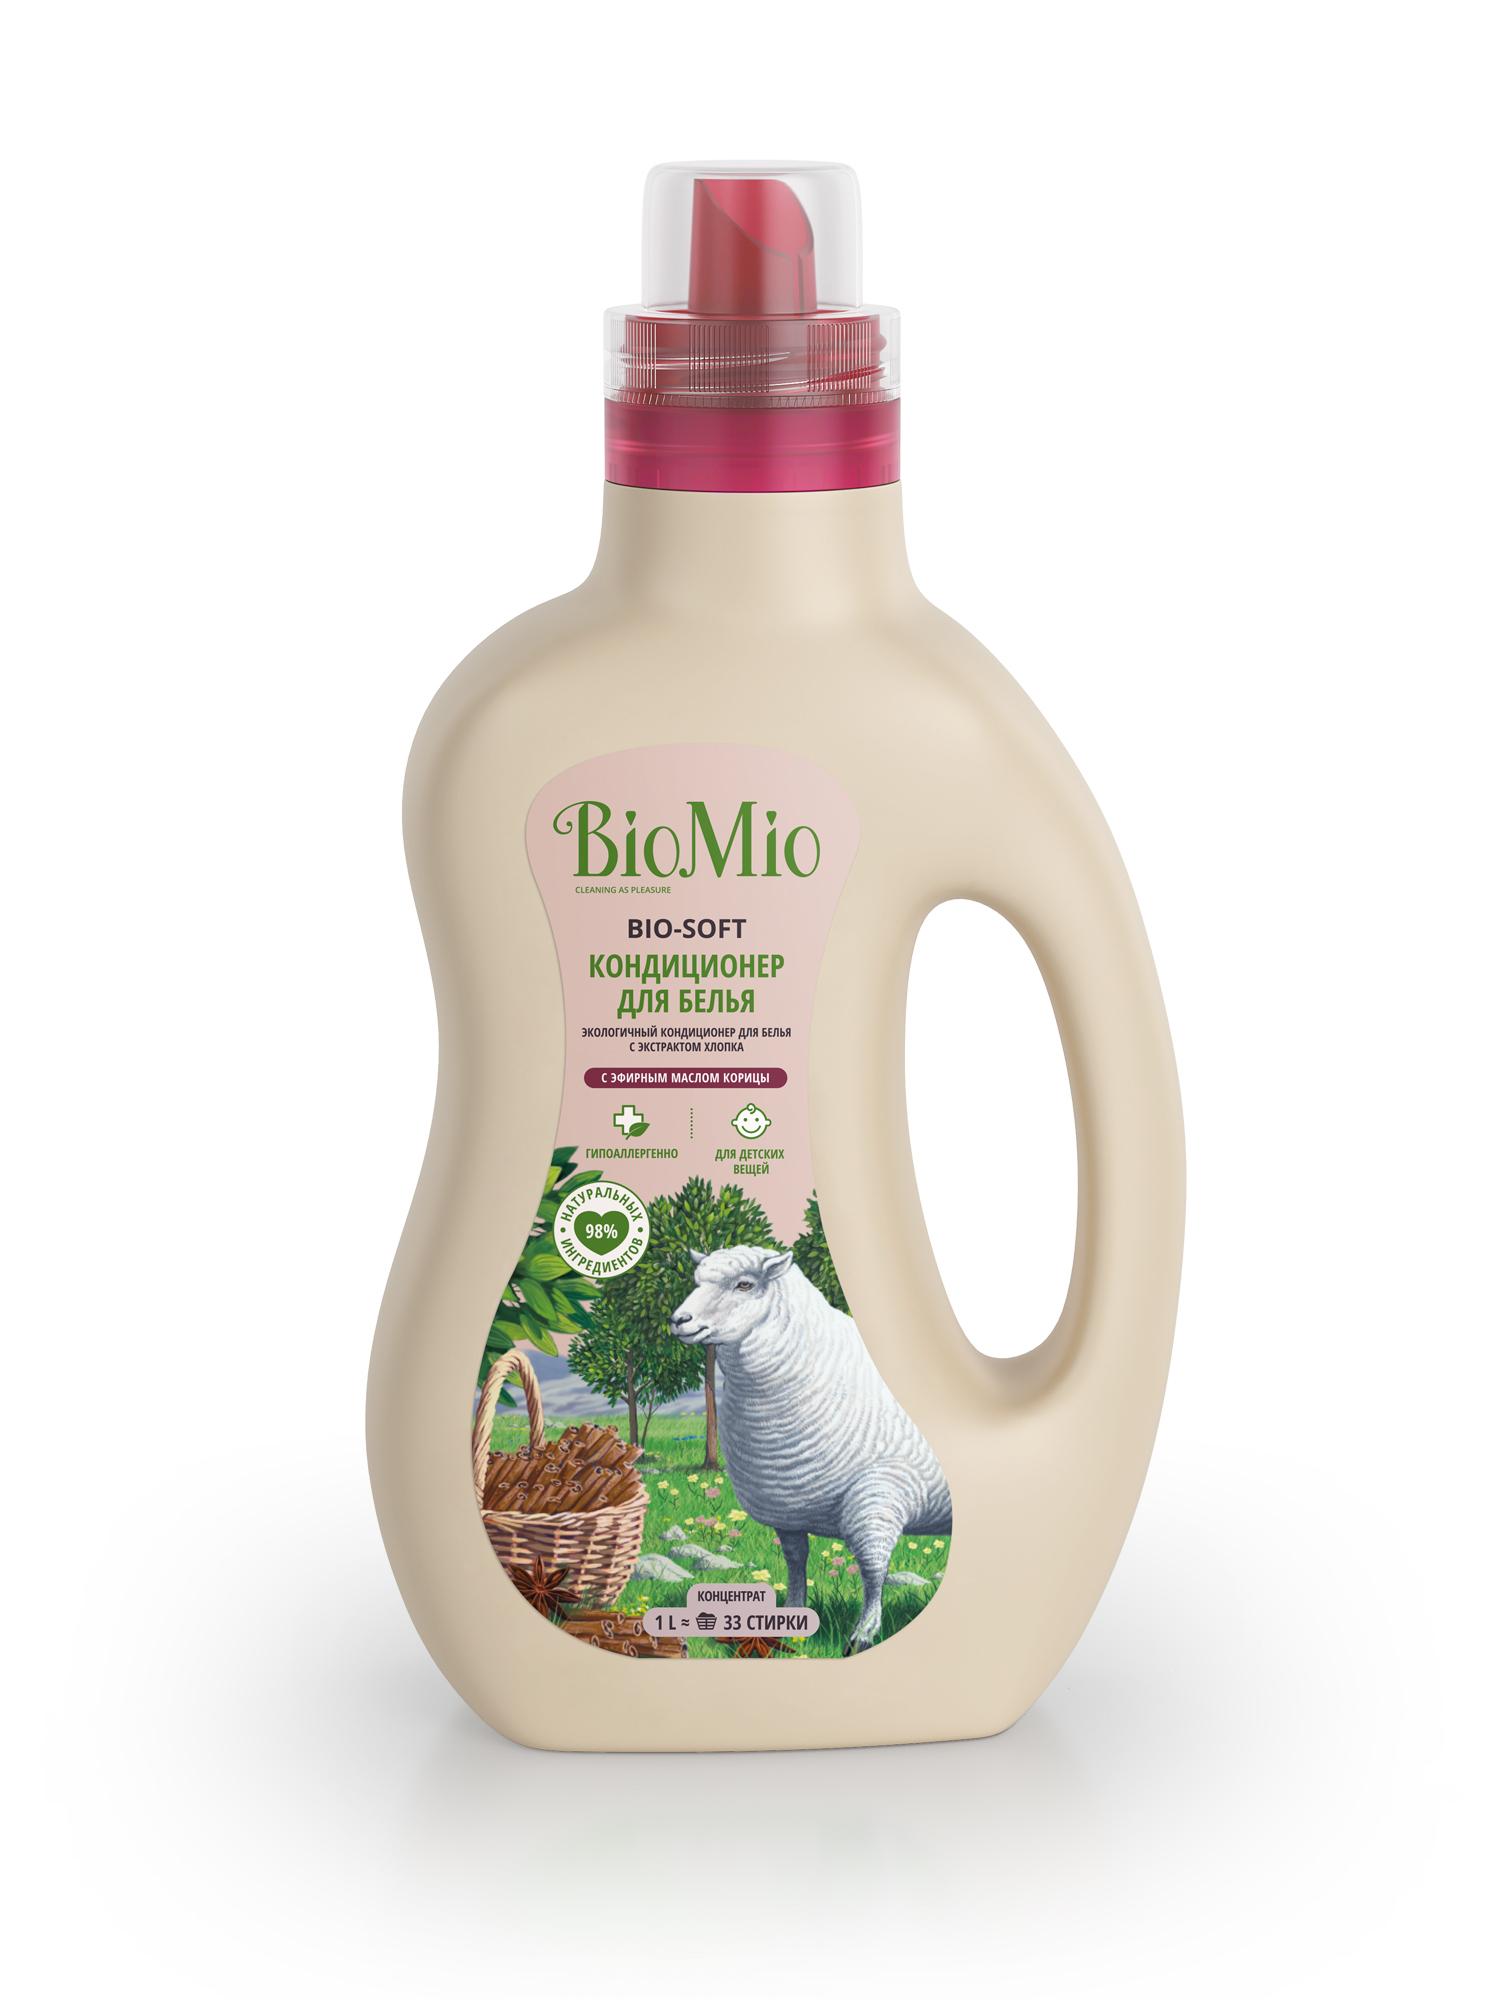 Кондиционер для белья BIO MIO Bio-Soft. Корица кондиционер для белья экологичный bio mio концентрат bio soft с эфирным маслом корицы 1 5л